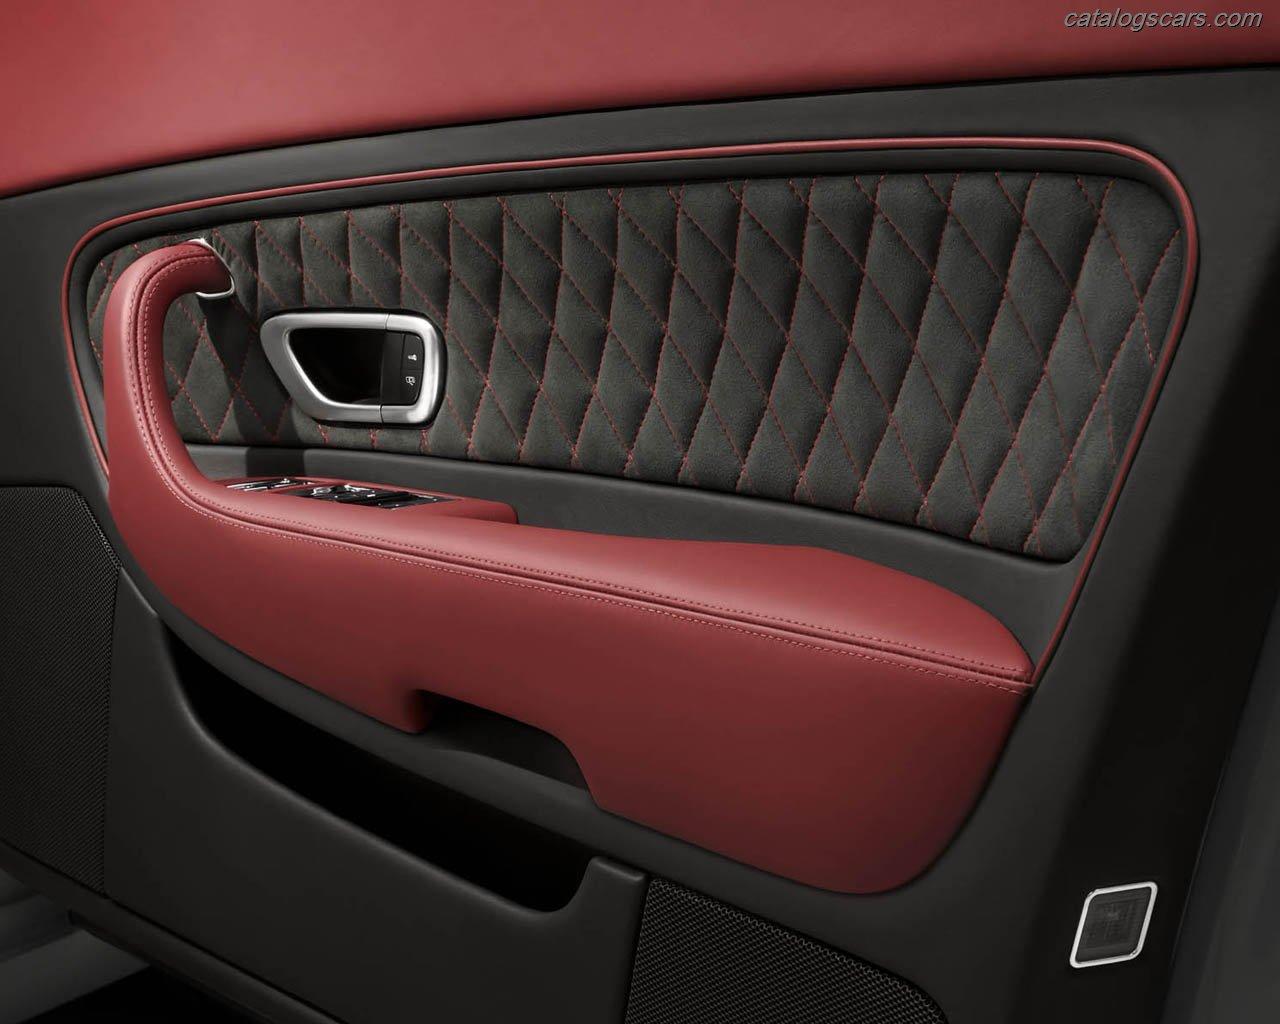 صور سيارة بنتلى كونتيننتال سوبر سبورتس 2014 - اجمل خلفيات صور عربية بنتلى كونتيننتال سوبر سبورتس 2014 - Bentley Continental Supersports Photos Bentley-Continental-Supersports-2011-17.jpg